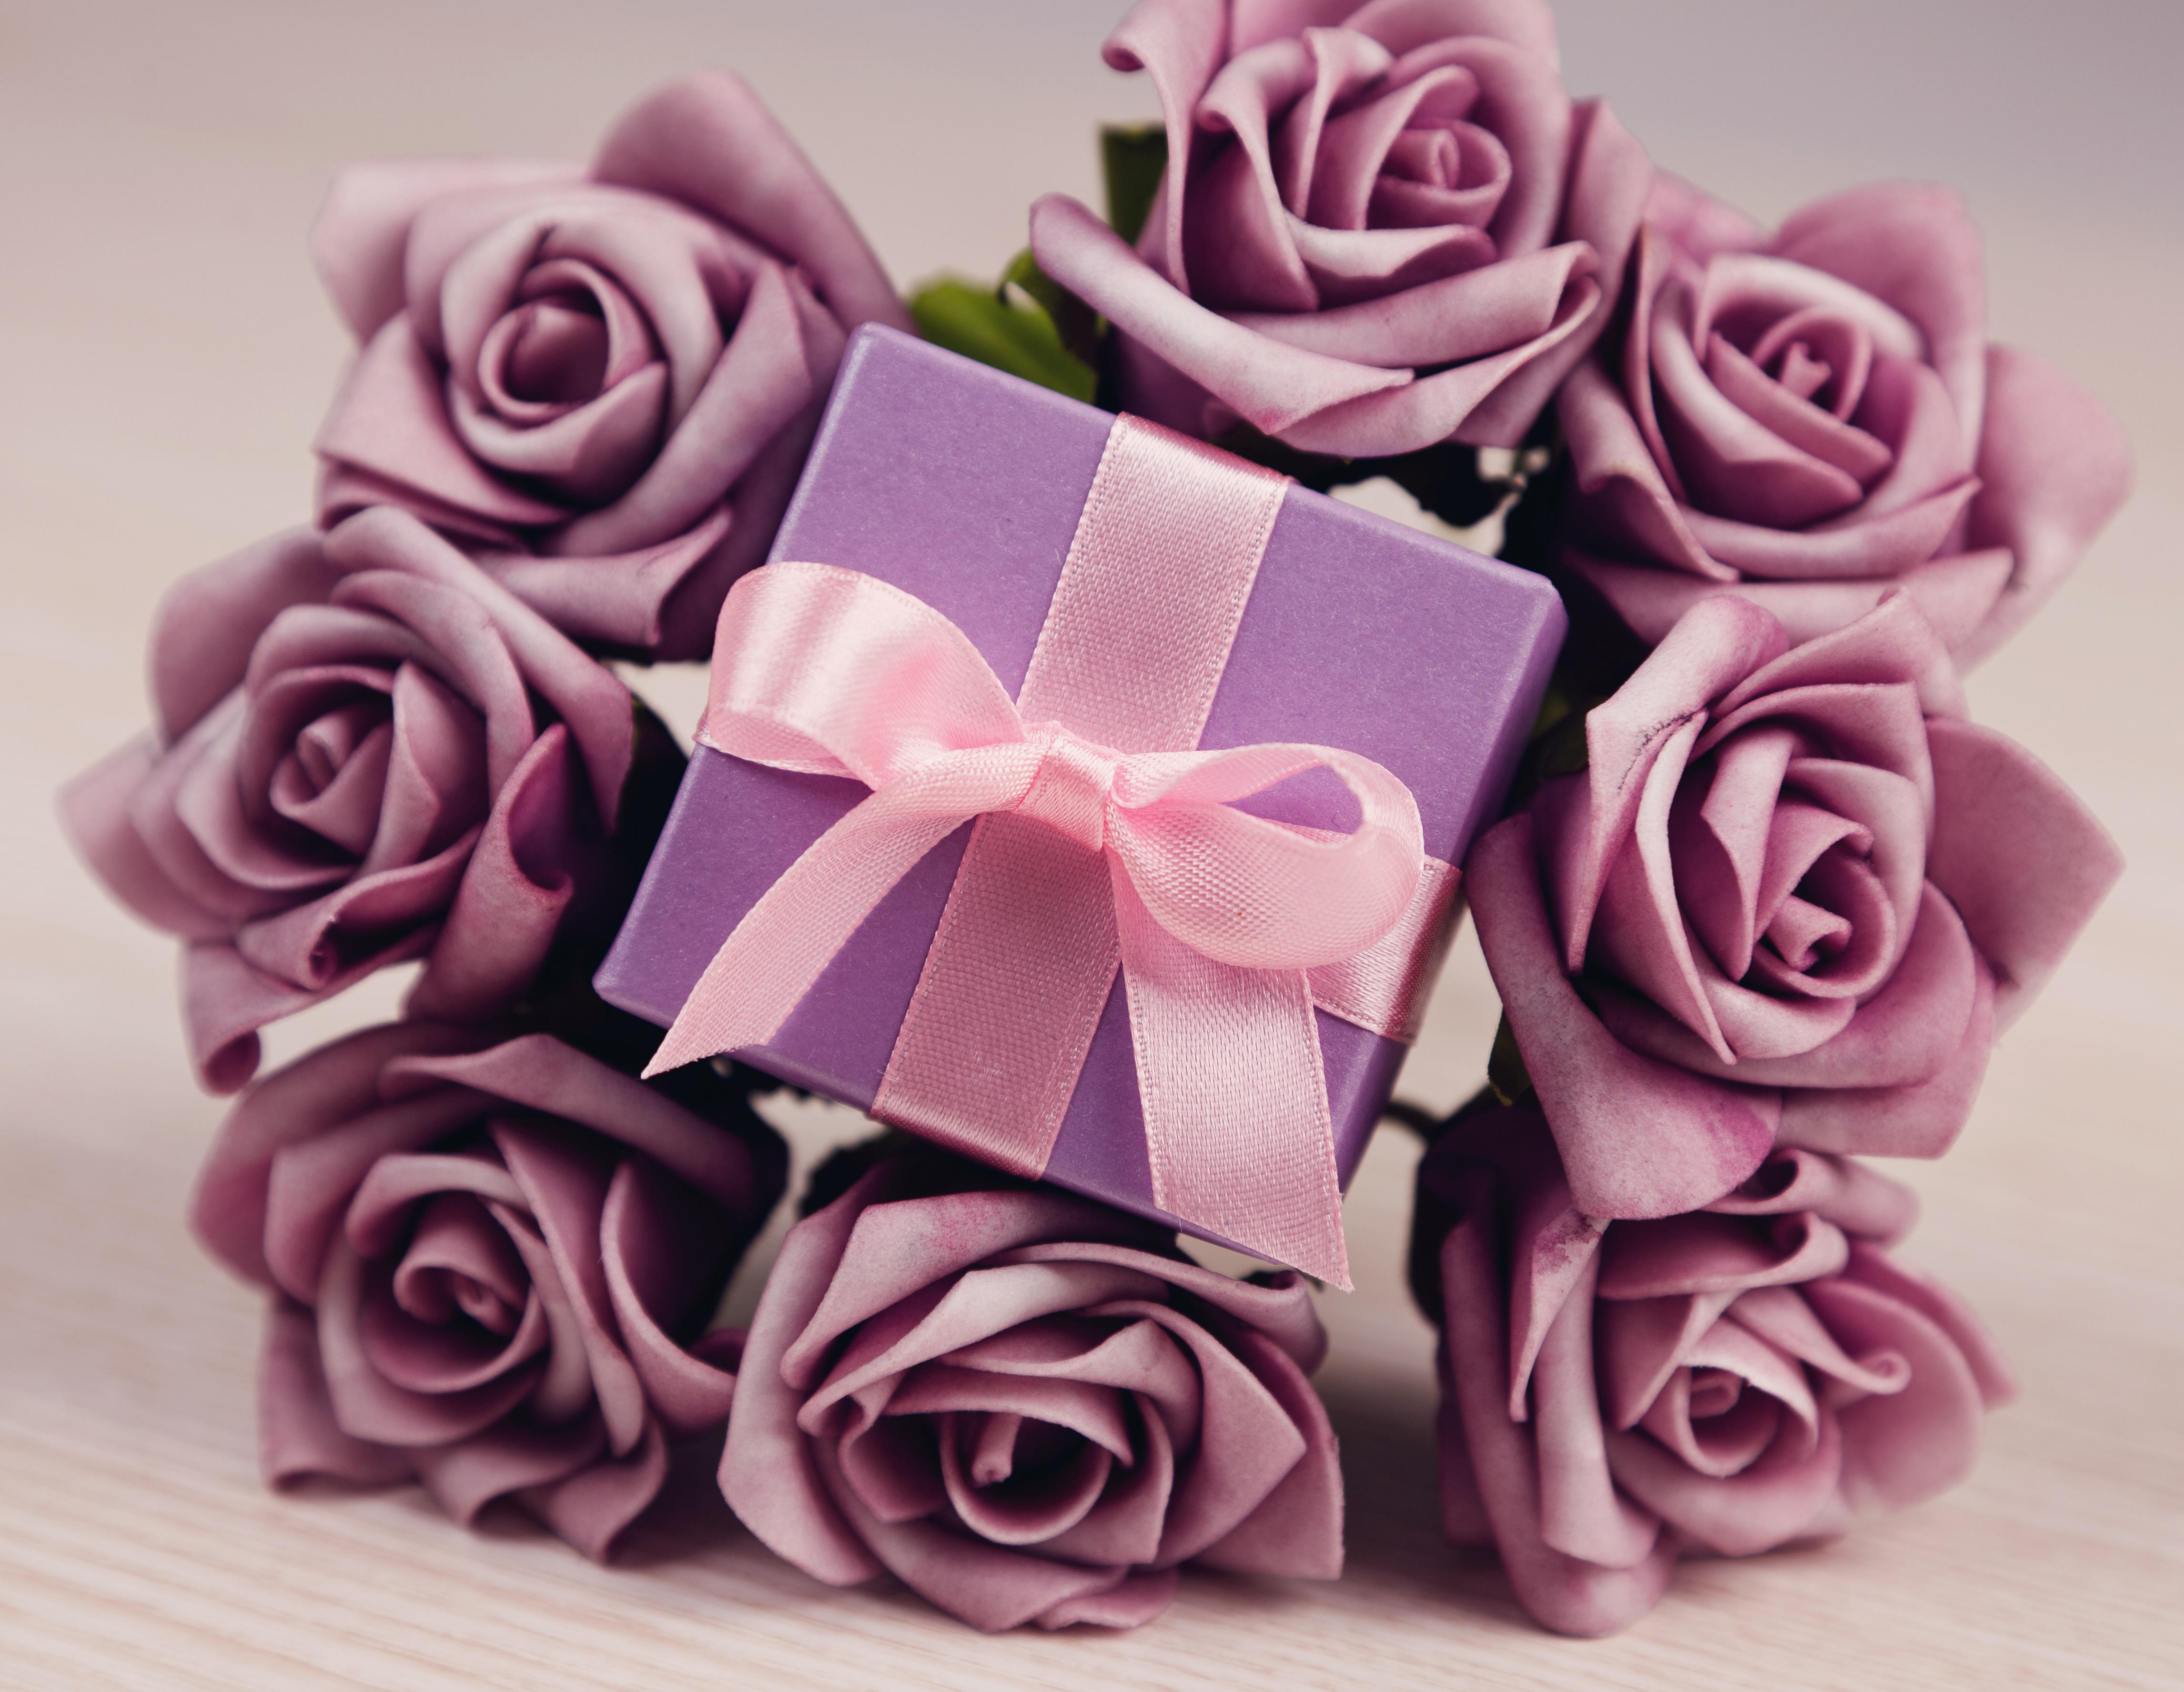 Цветы подарок картинки